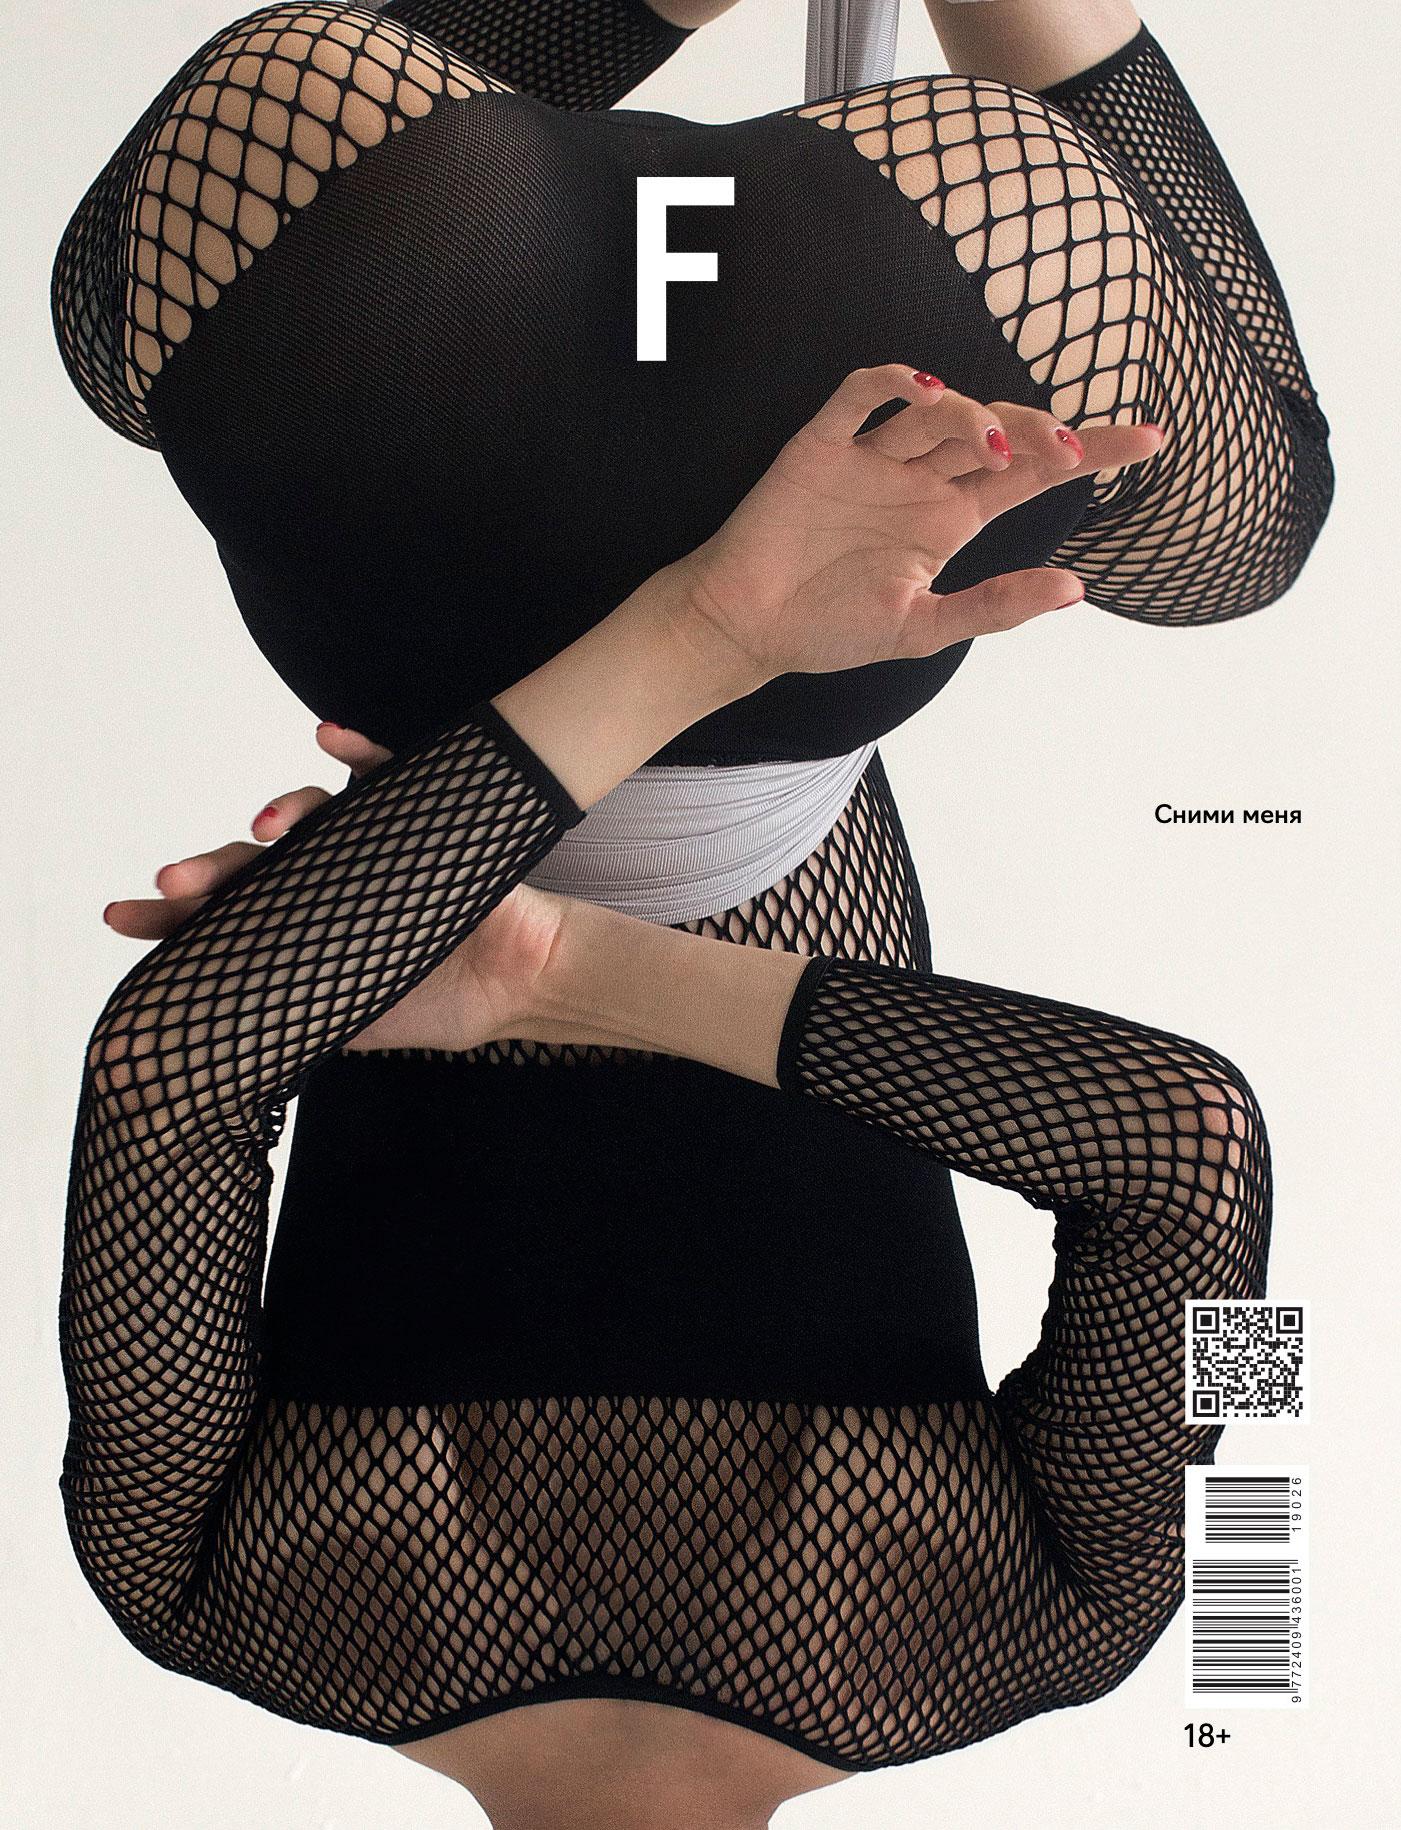 Журнал Flacon Magazine номер 5 (26), 3